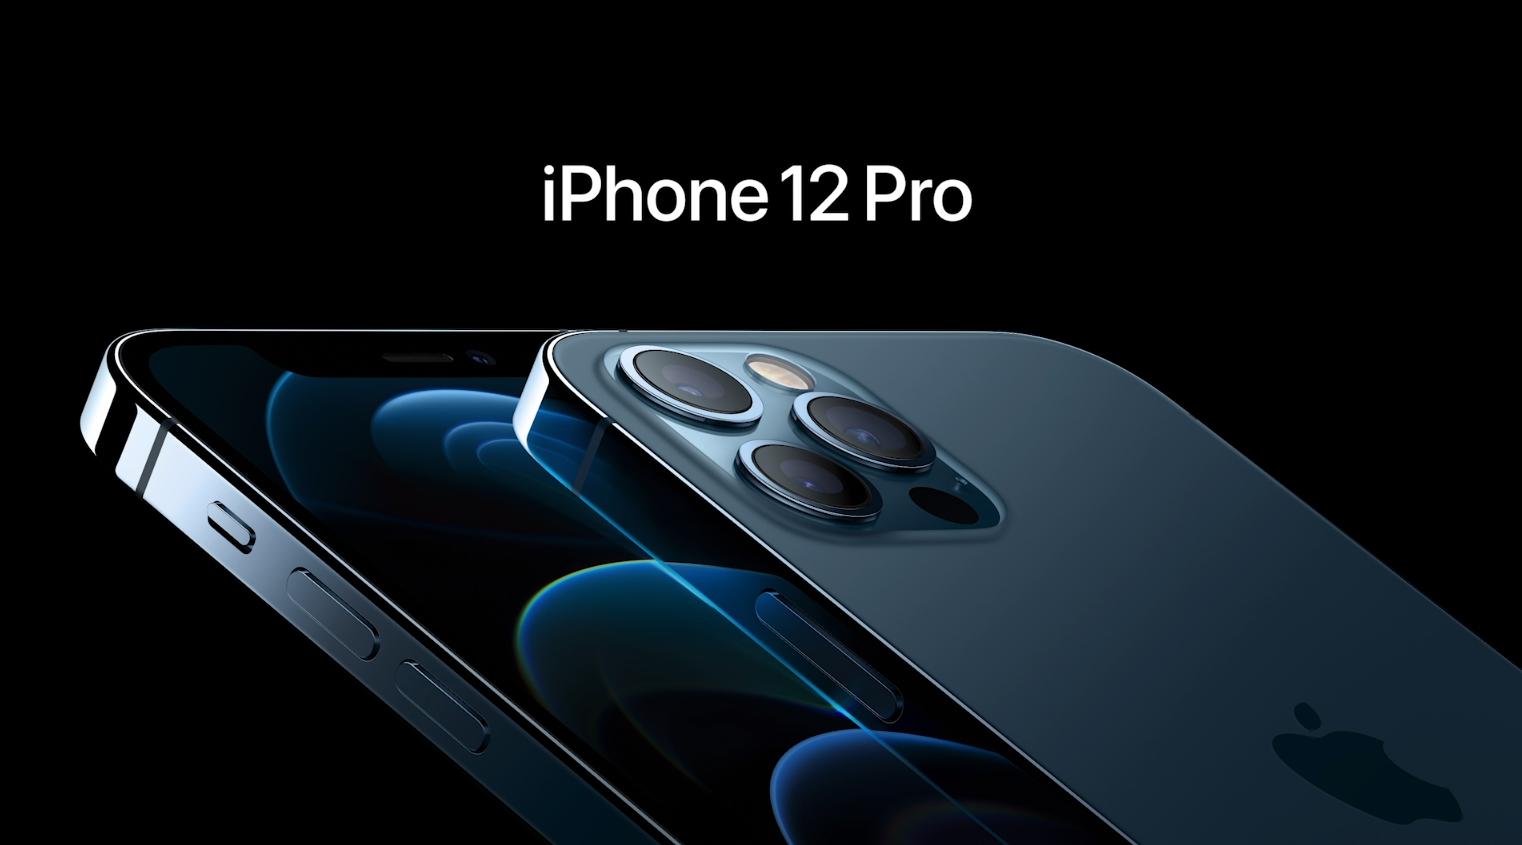 iPhone 12 Pro má vyšší RAM, levnější modely se neposunuly